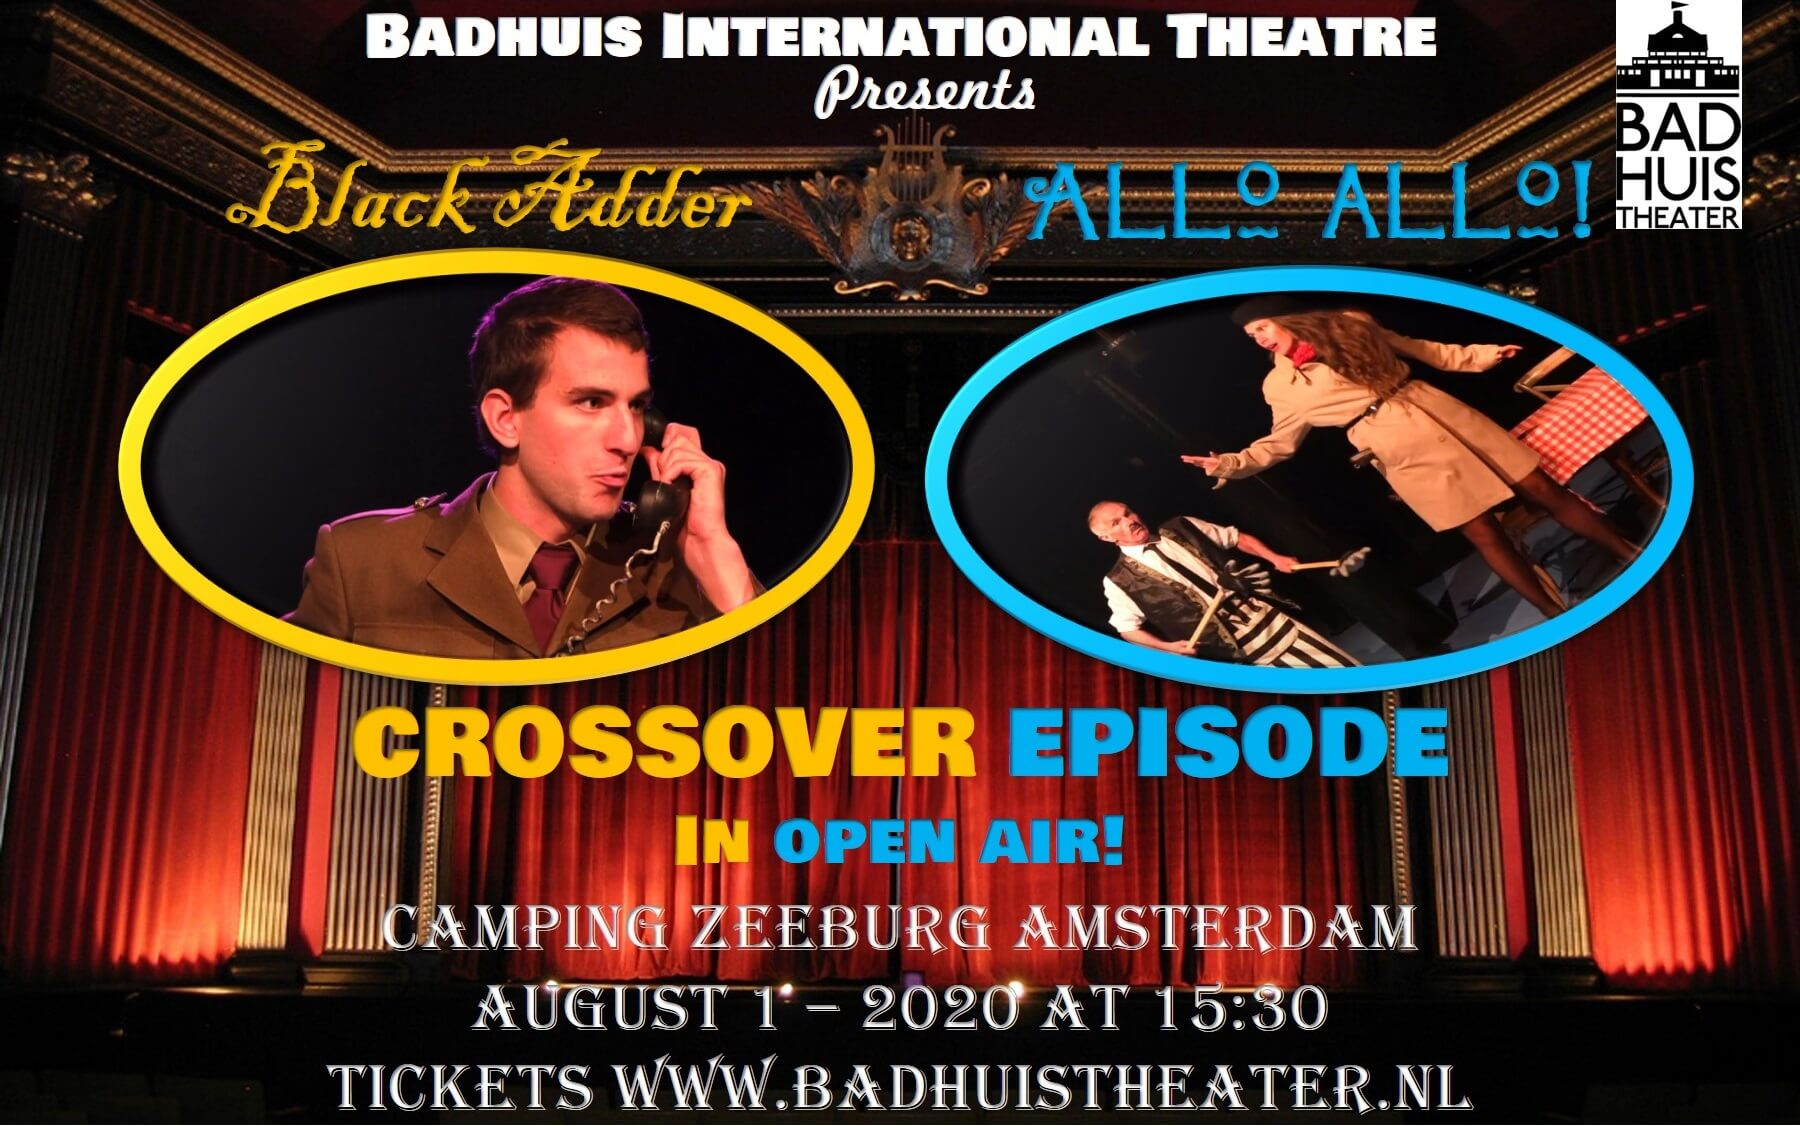 BlackAdder meets Circus ALLO